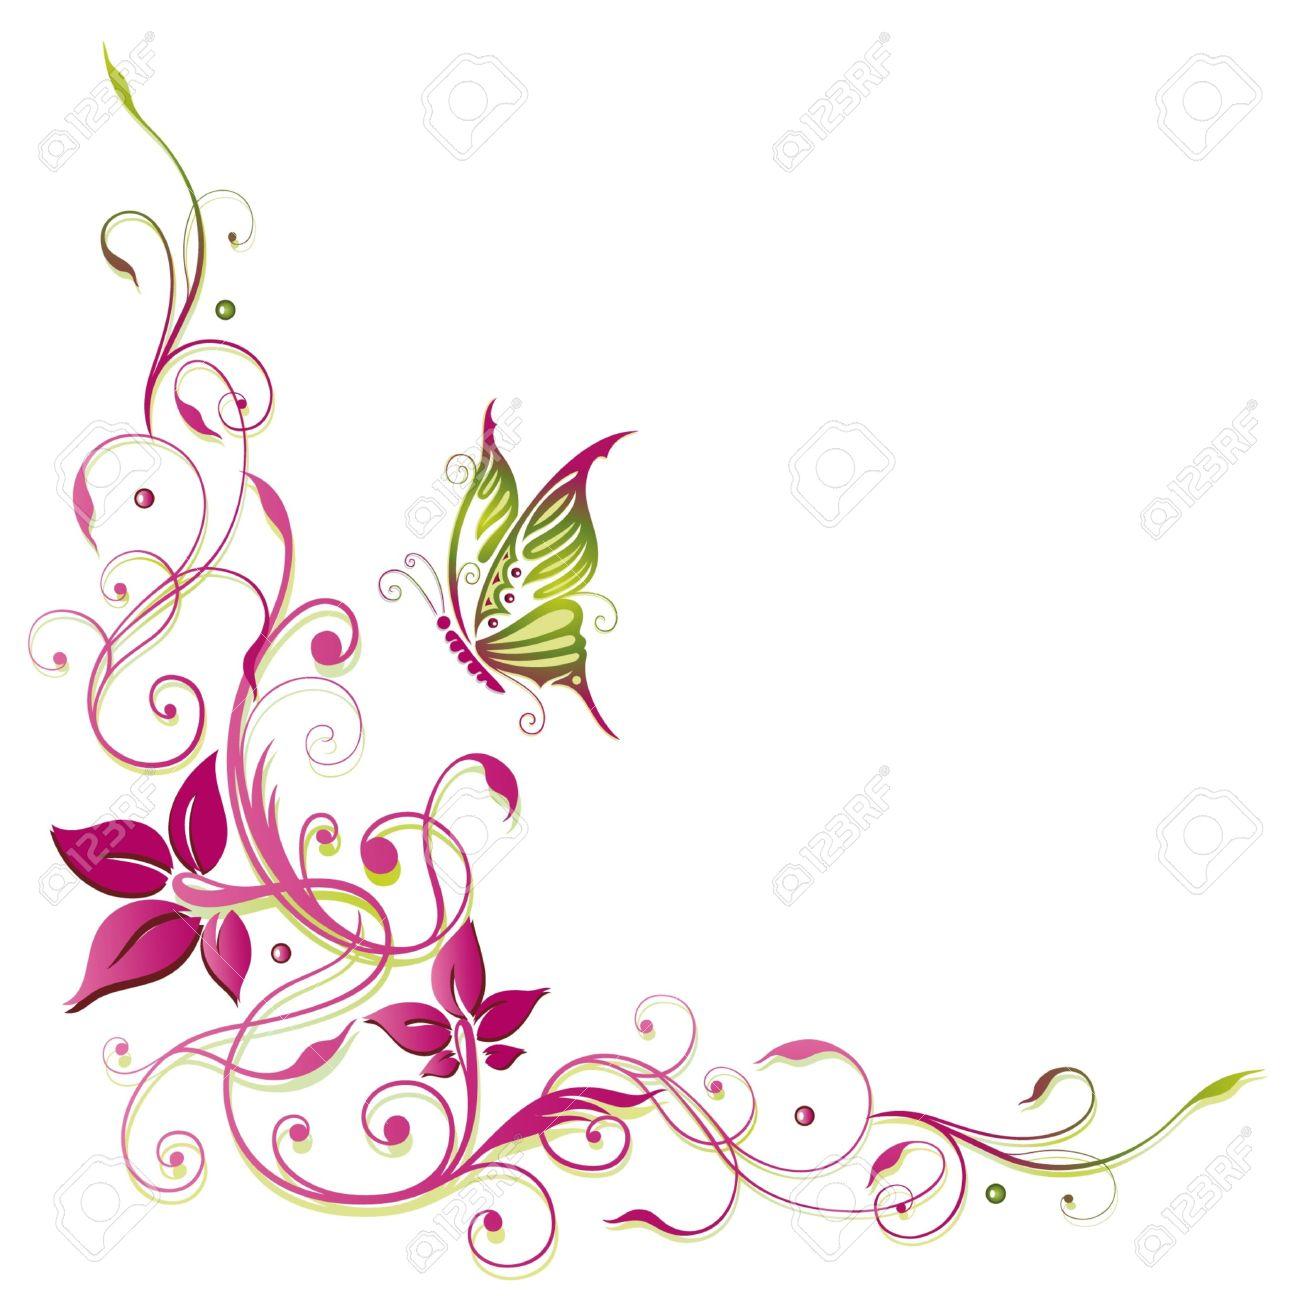 Bunte Ranke mit Schmetterling, rosa und grün Standard-Bild - 22065923